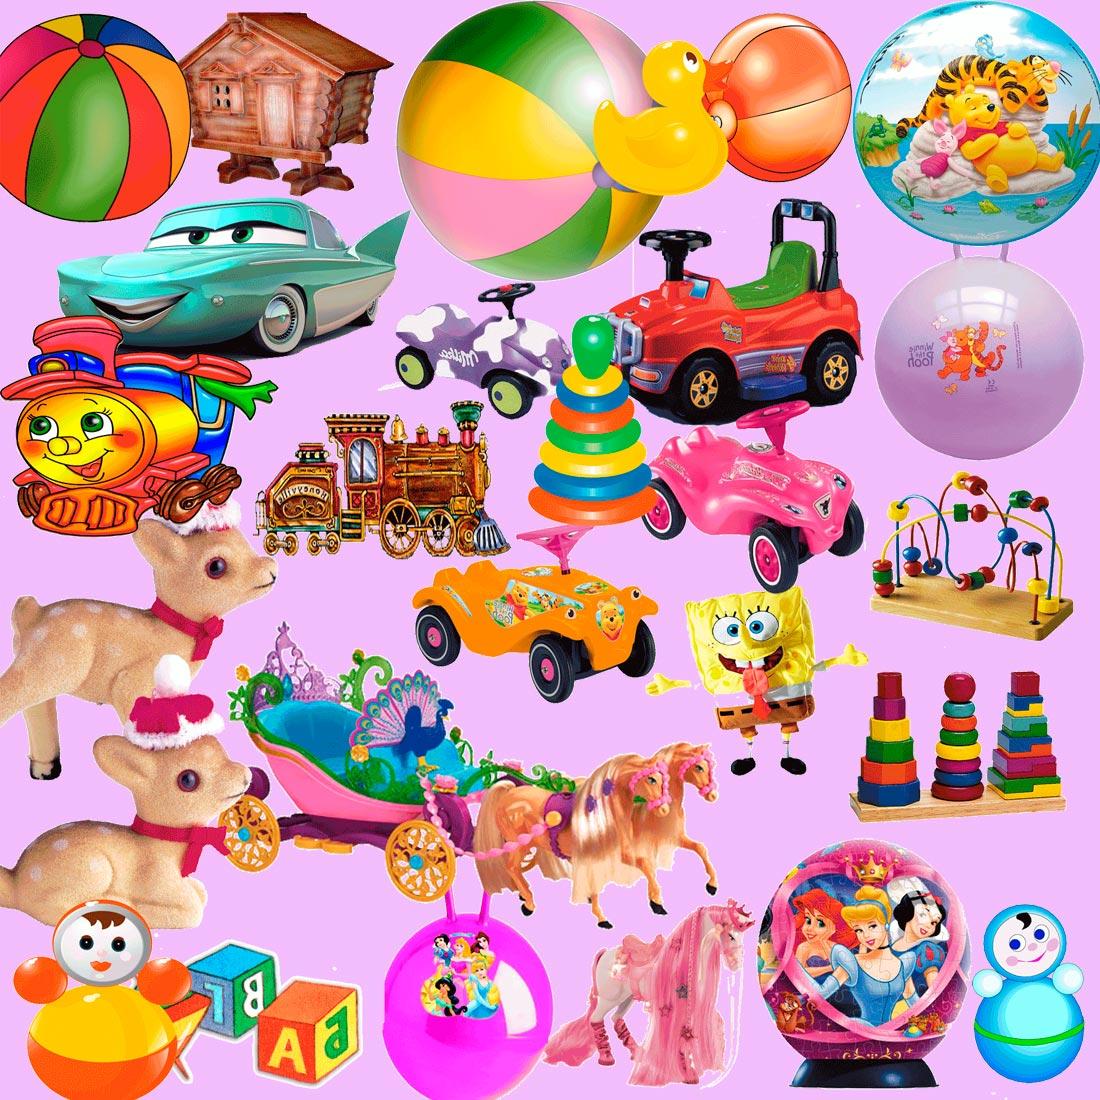 002174022ca6 «детские игрушки интернет магазин игрушек купить детские игрушки интернет  магазин игрушек» — карточка пользователя max.gavriluk93 в Яндекс.Коллекциях